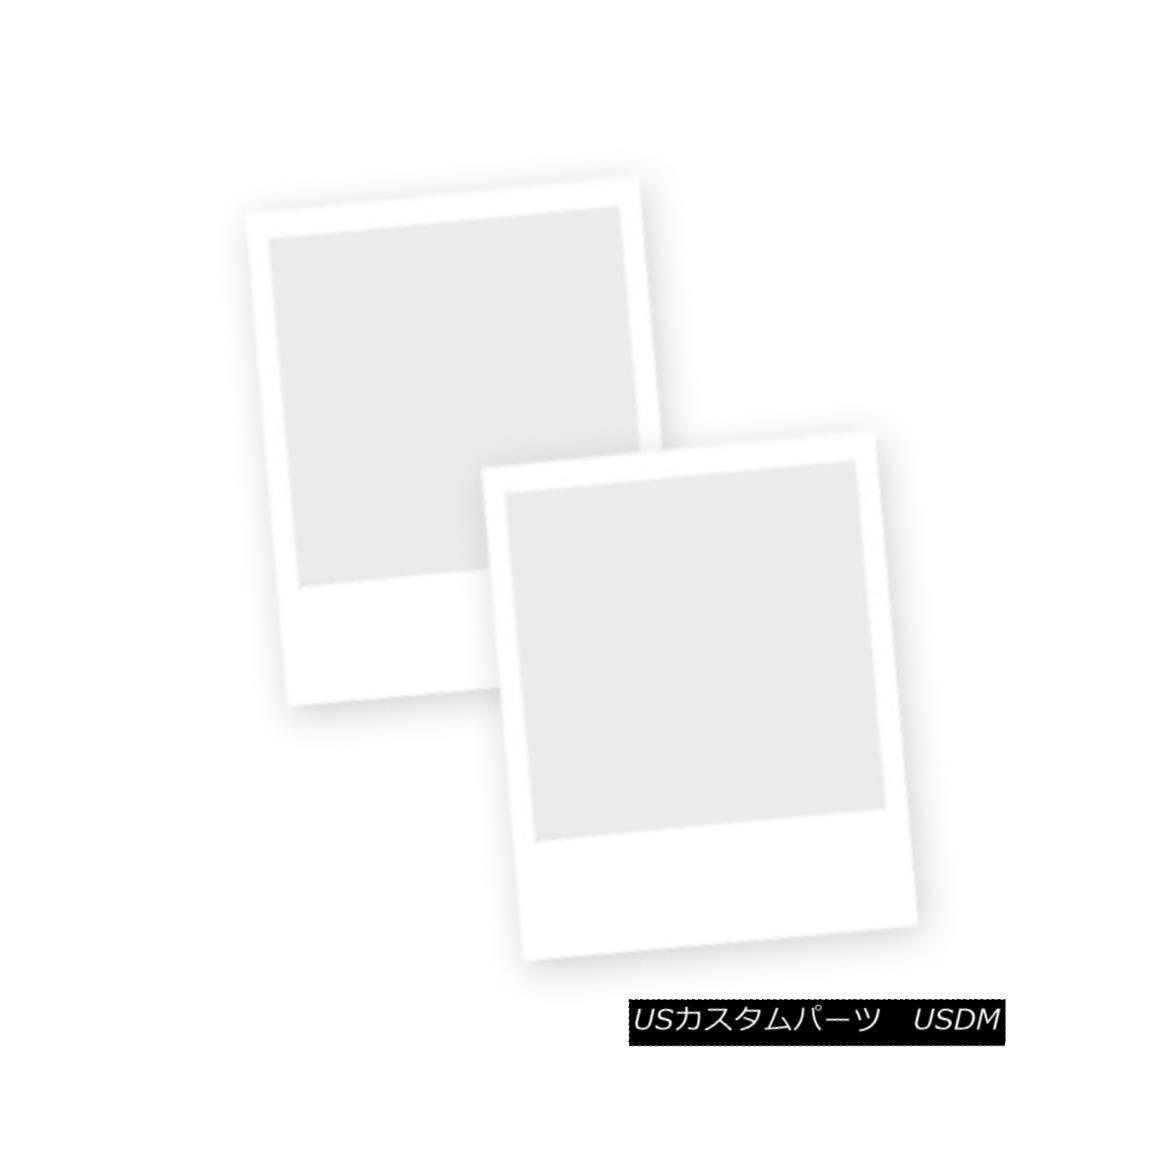 グリル New Replacement Outer Grille Shell Chrome Platinum Plus 新しい交換アウターグリルシェルクロムプラチナプラス